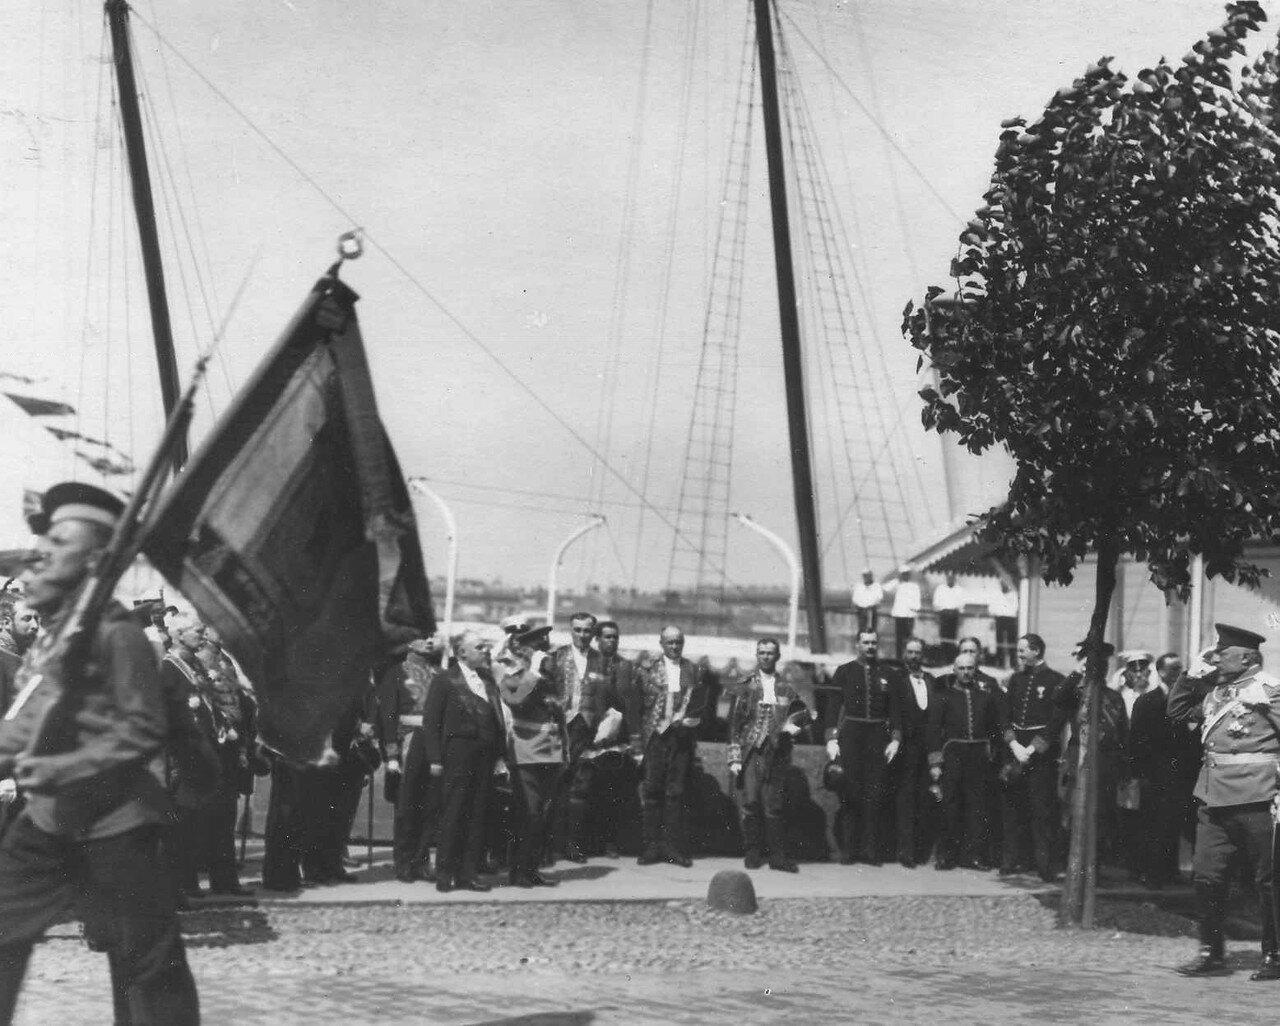 32. Р.Пуанкаре, Р.Вивиани и сопровождающие их лица принимают парад почетного караула на Английской набережной